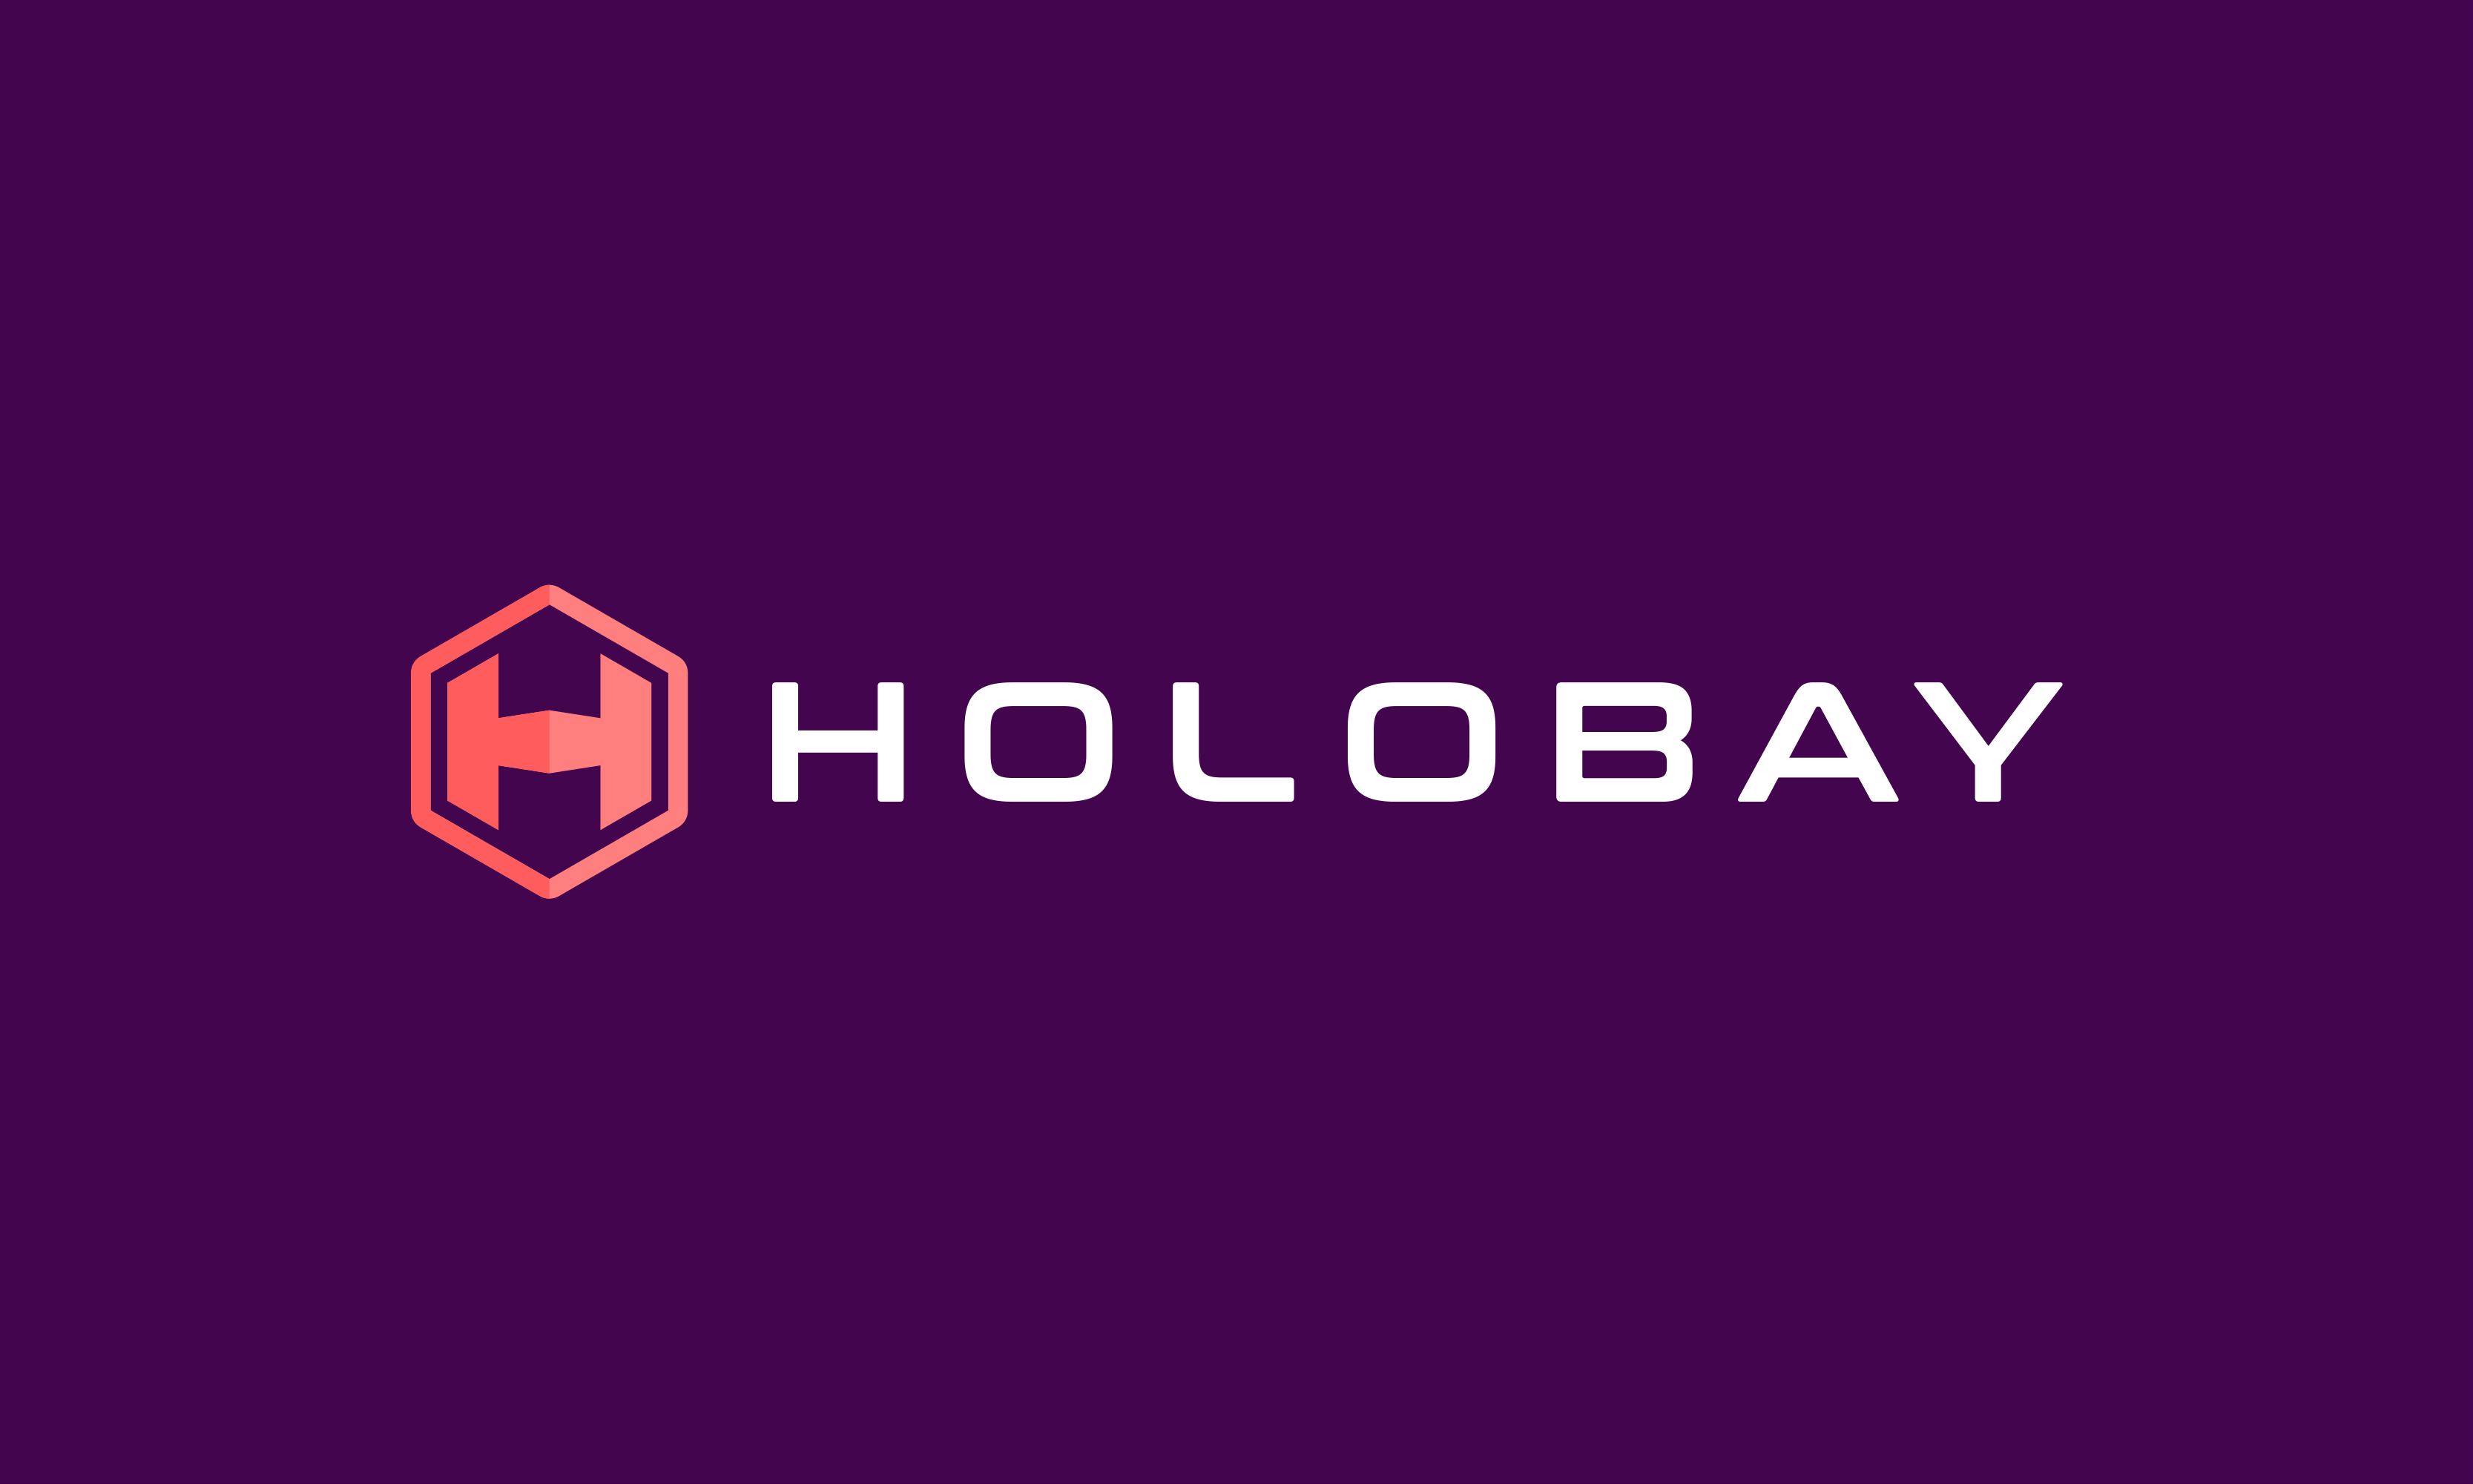 Holobay